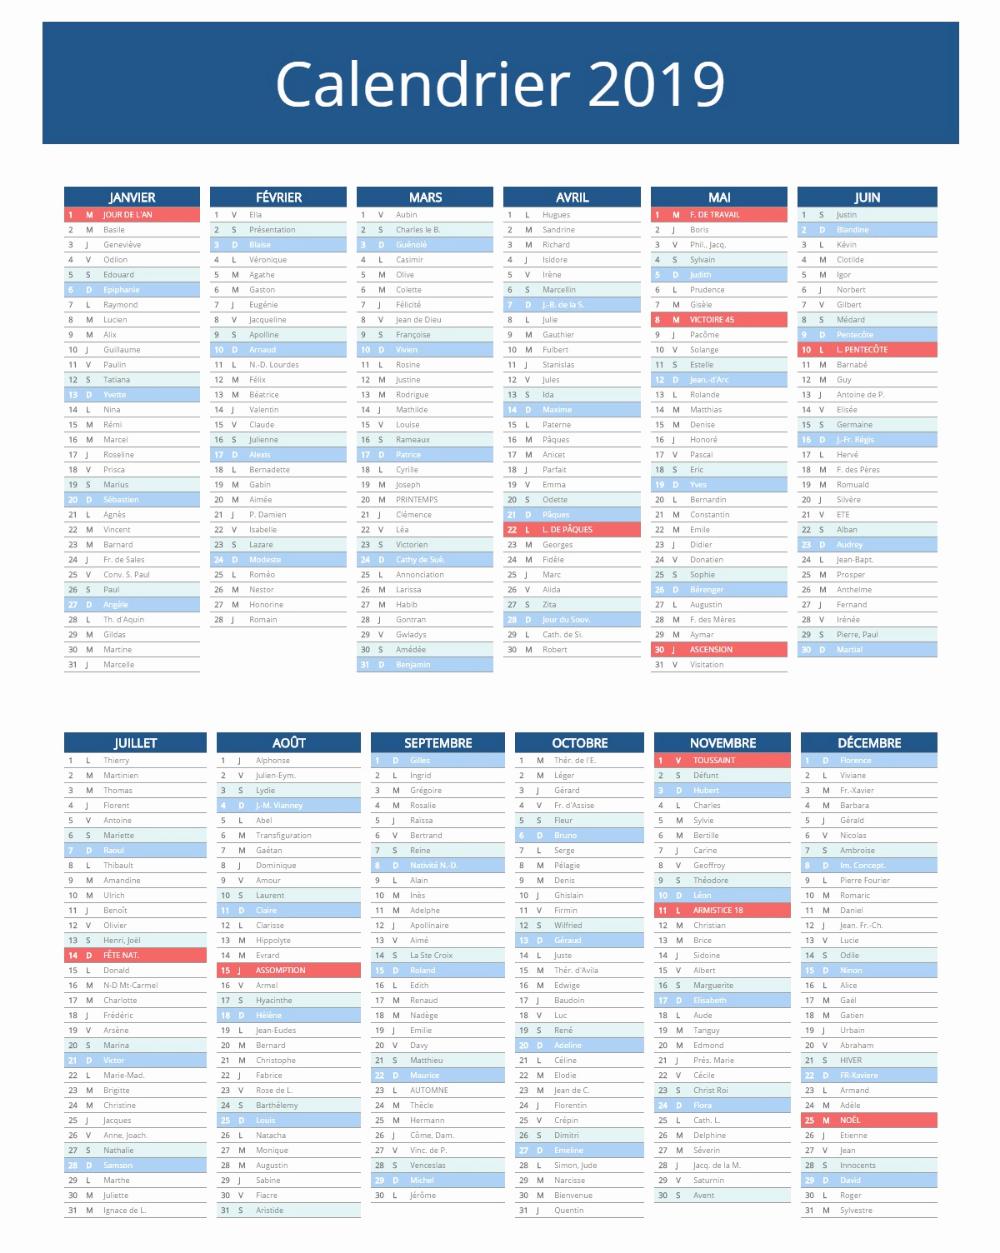 Calendrier Scolaire 2019 2020 Zone A Calendrier 2019 concernant Calendrier 2019 Avec Jours Fériés Vacances Scolaires À Imprimer